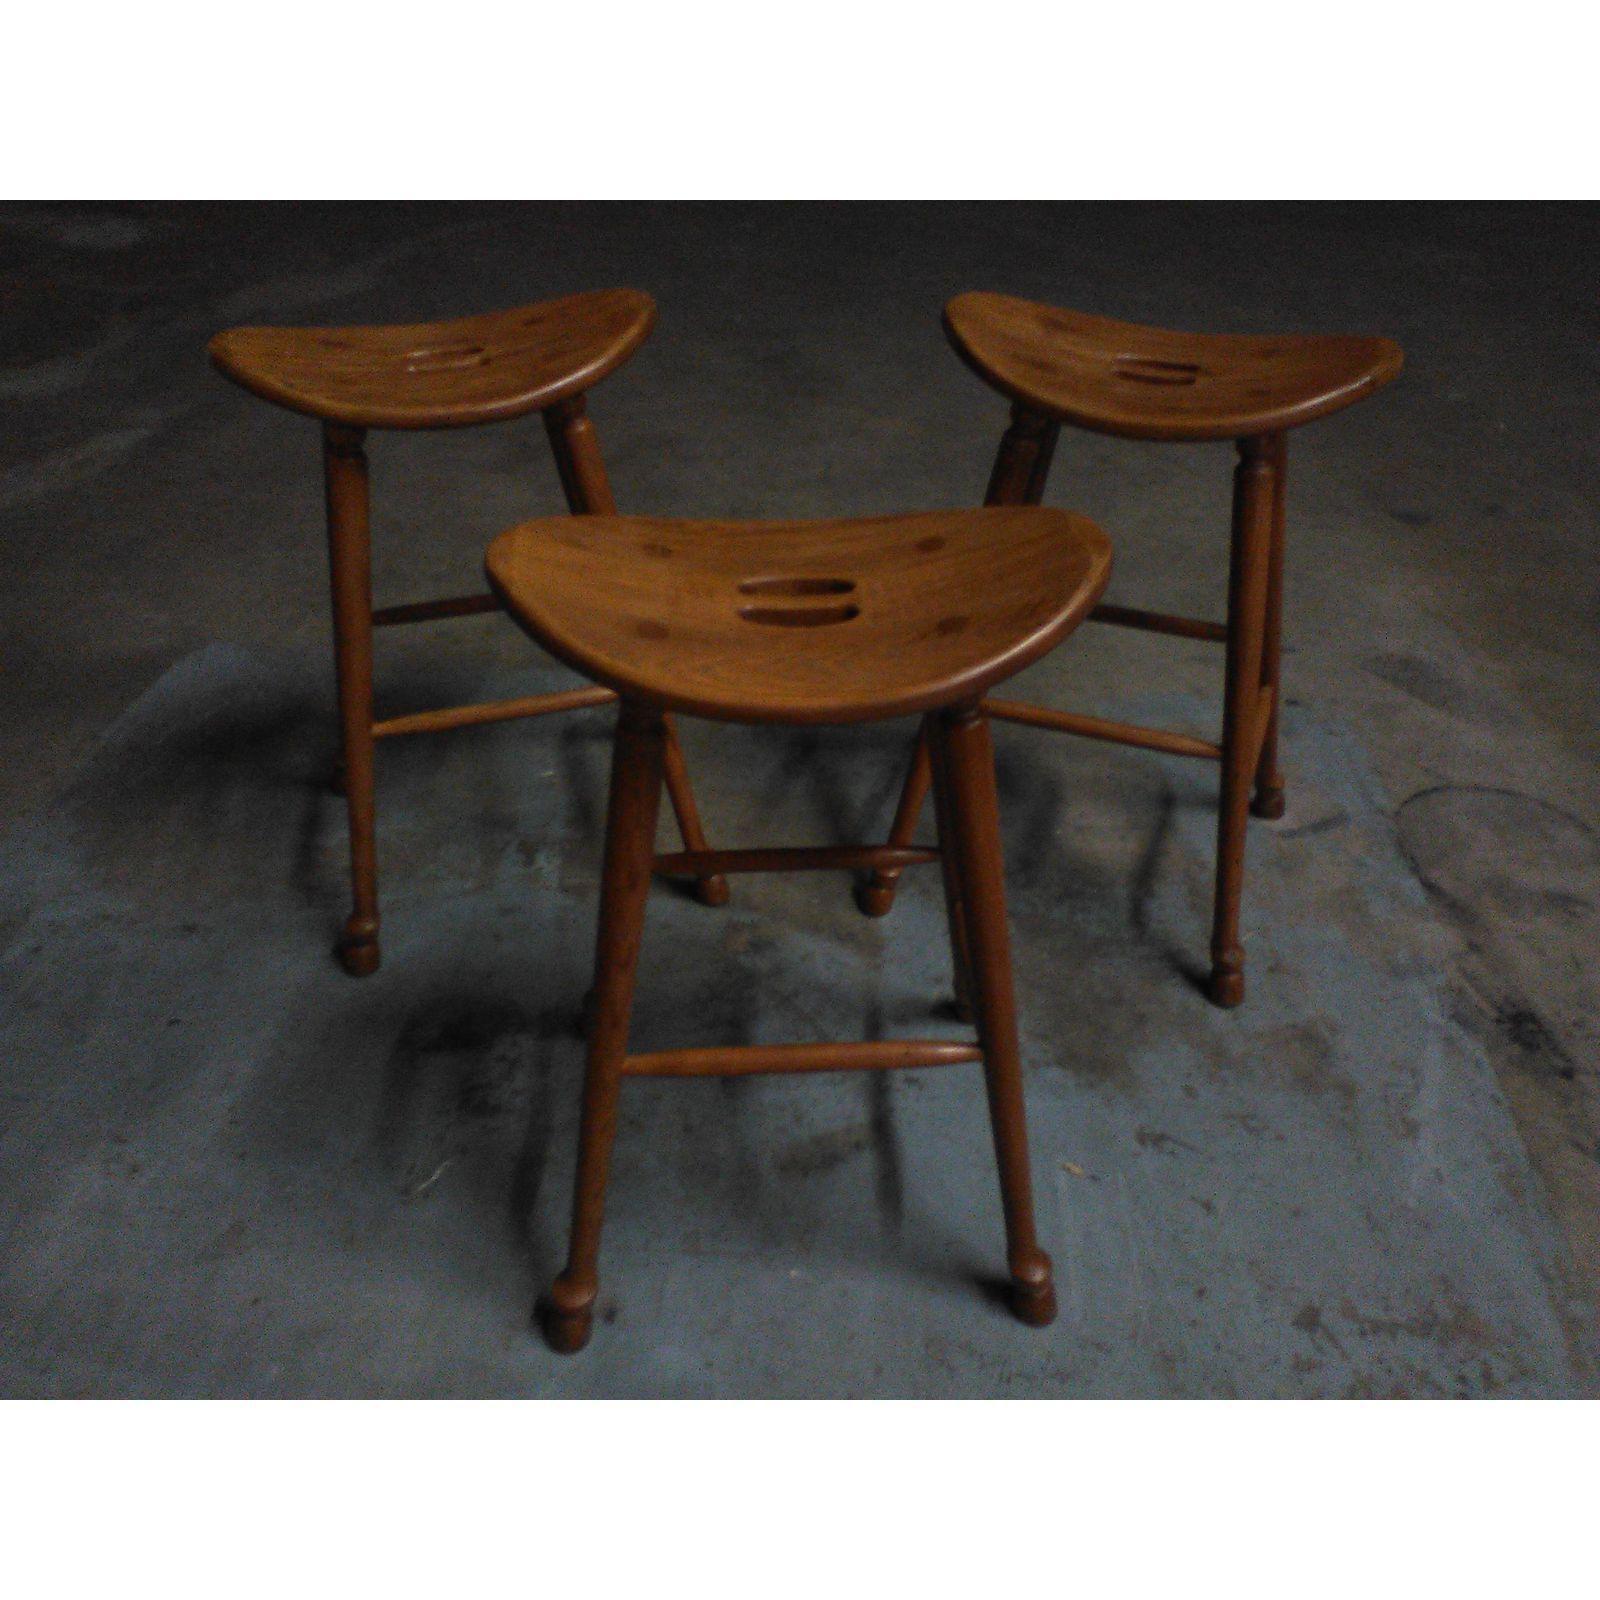 Saddle Seat Bar Stools Set Of 3 Image 2 4